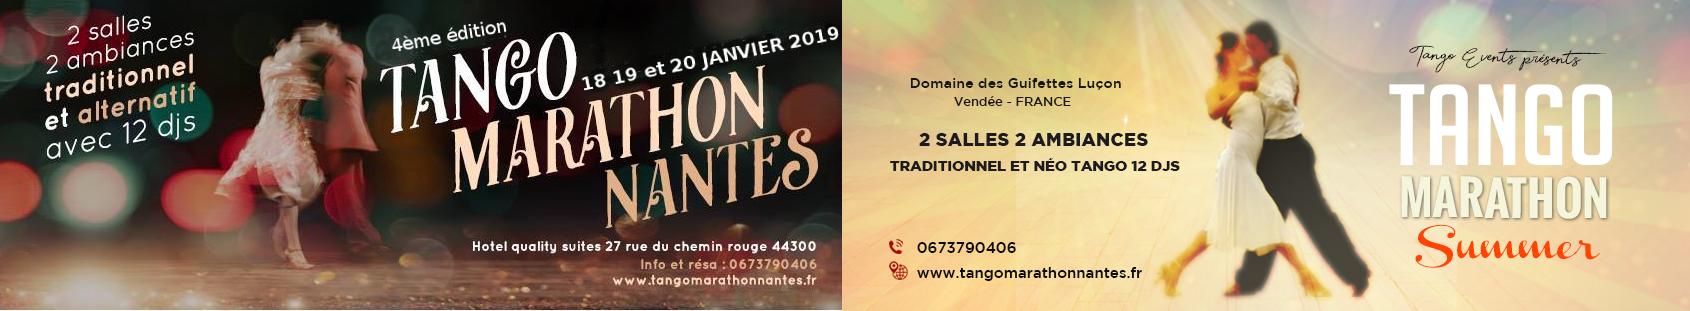 Tango Marathon Nantes 2019